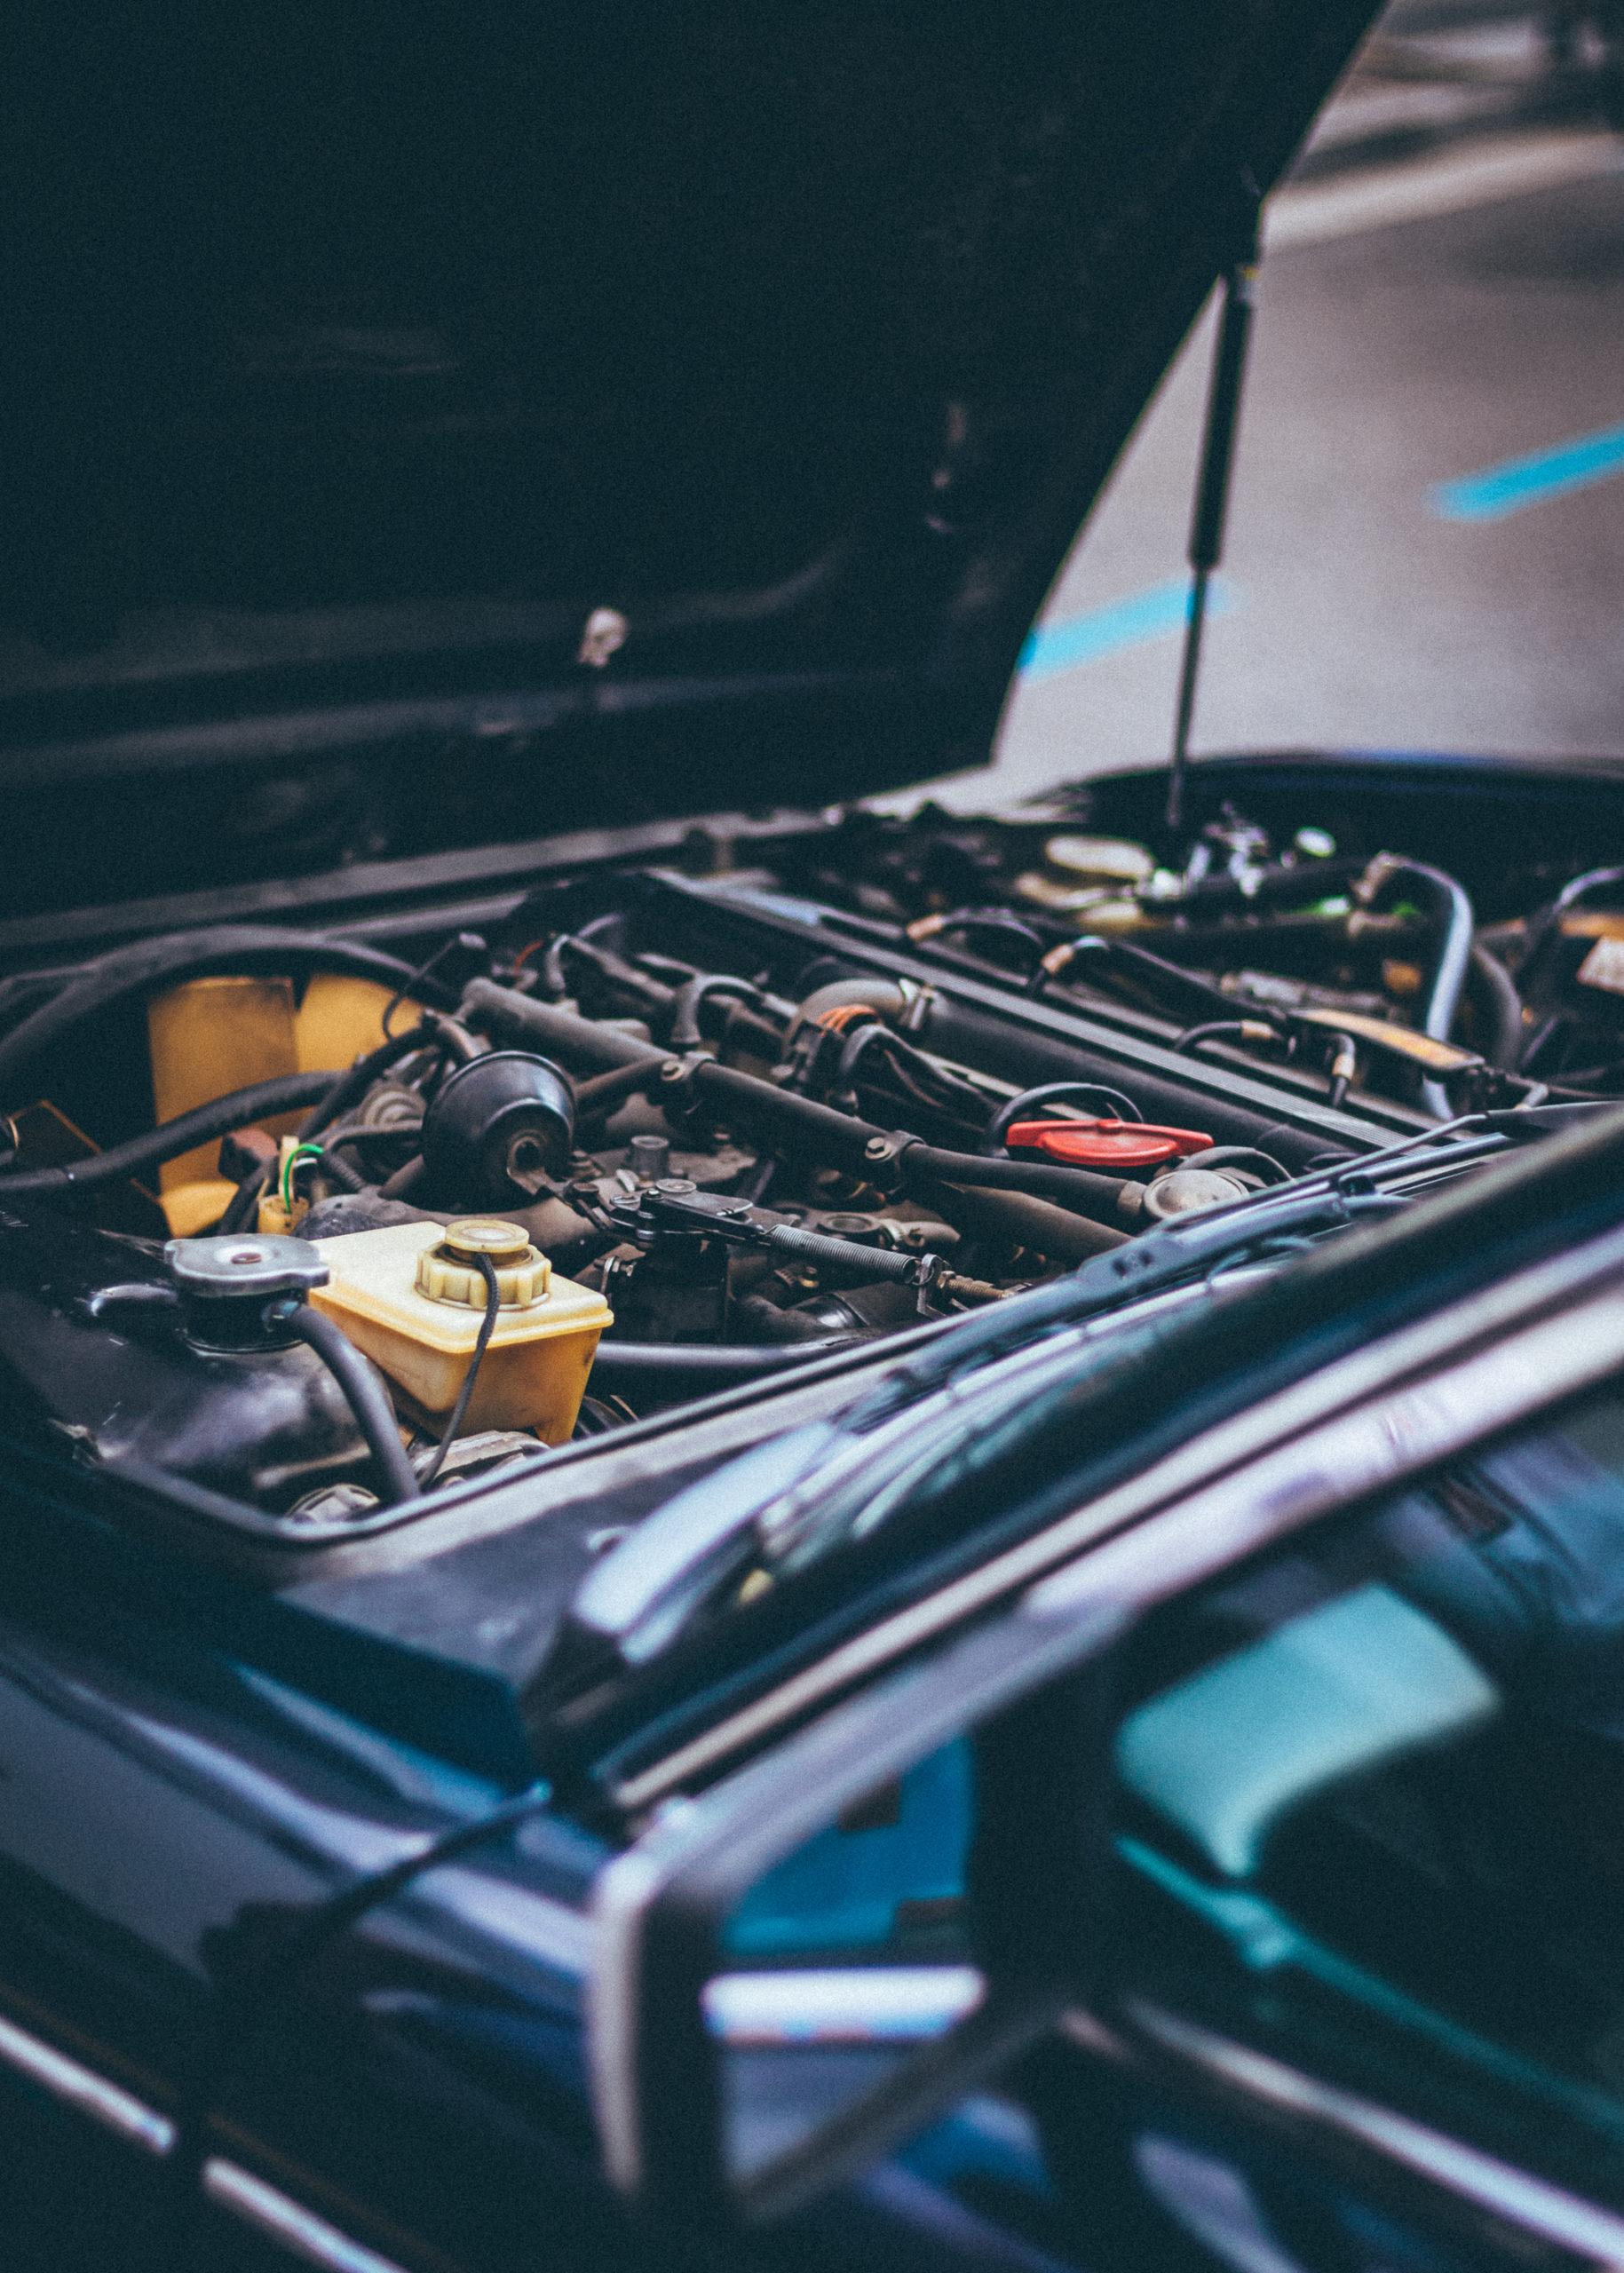 close-up-photo-of-vehicle-engine-1409999 (1)